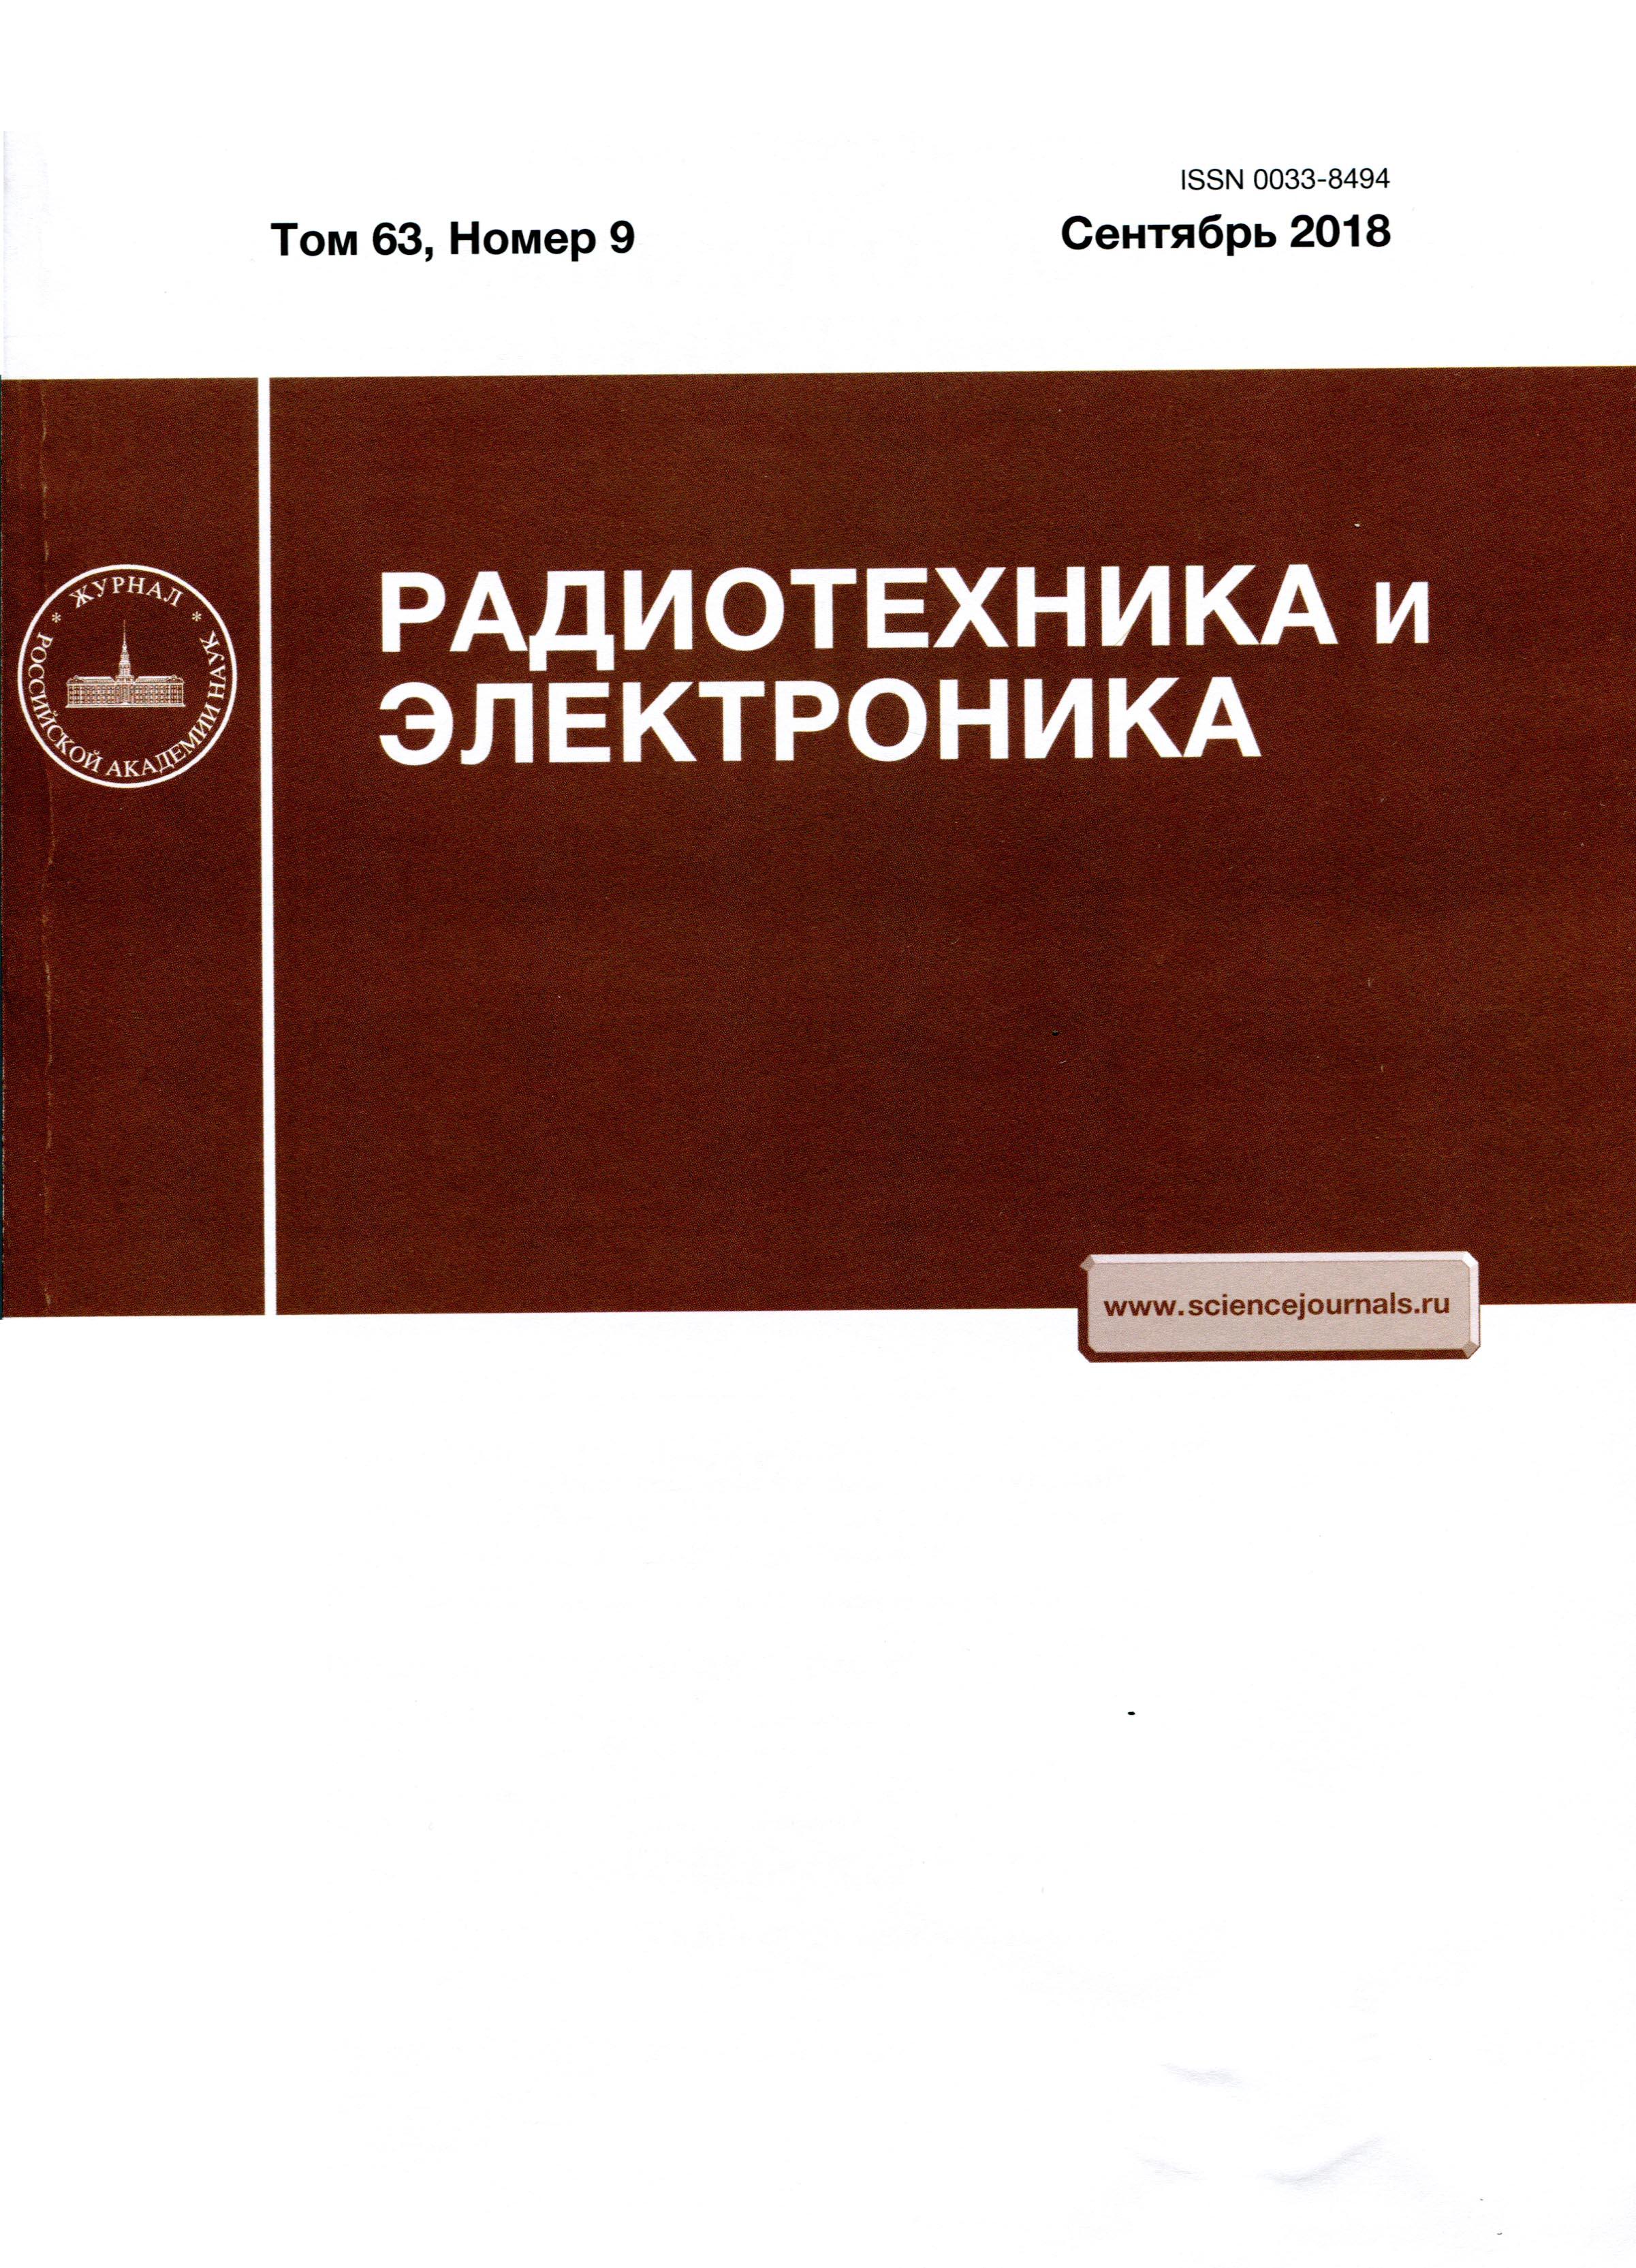 Скачать x360ce на русском языке бесплатно для подключения.